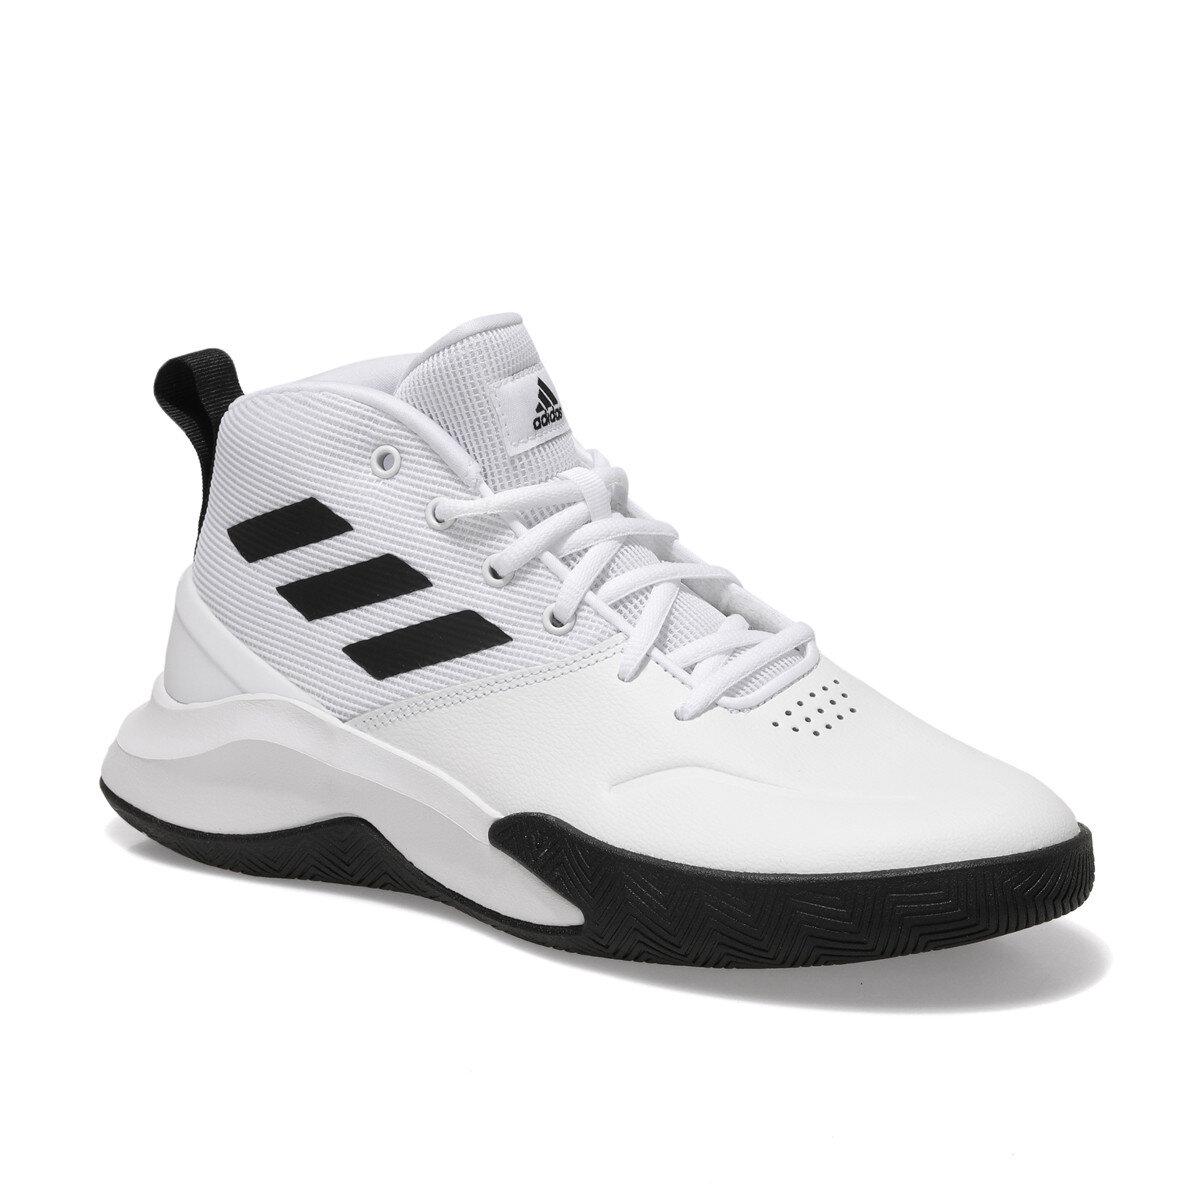 adidas OWNTHEGAME Beyaz Erkek Basketbol Ayakkabısı 100663970 | Flo